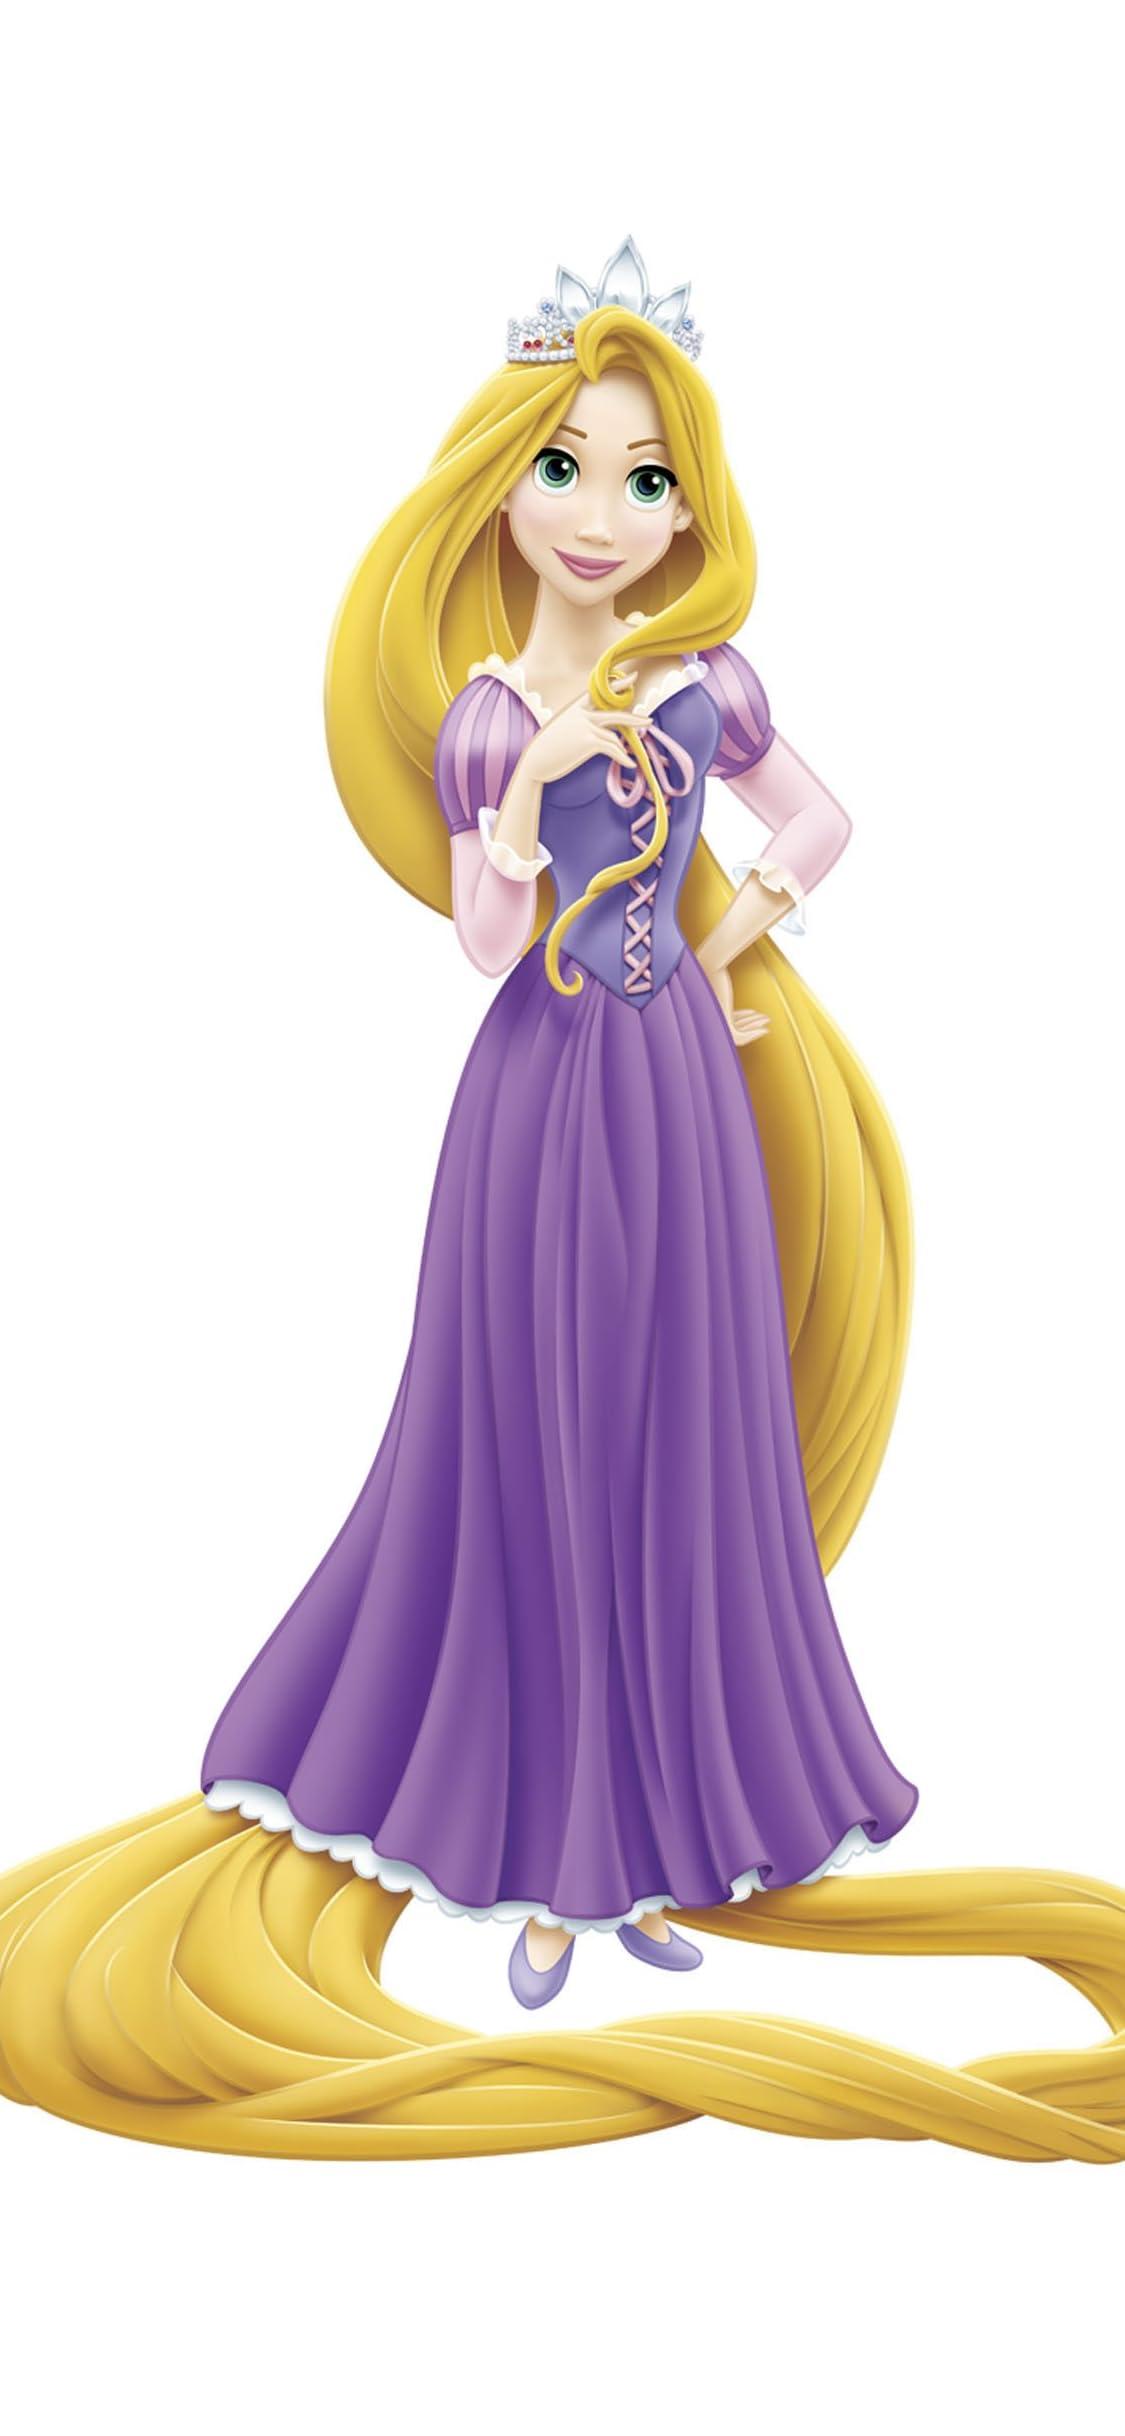 ディズニー ラプンツェル Rapunzel Iphone X 壁紙 1125x2436 画像 スマポ